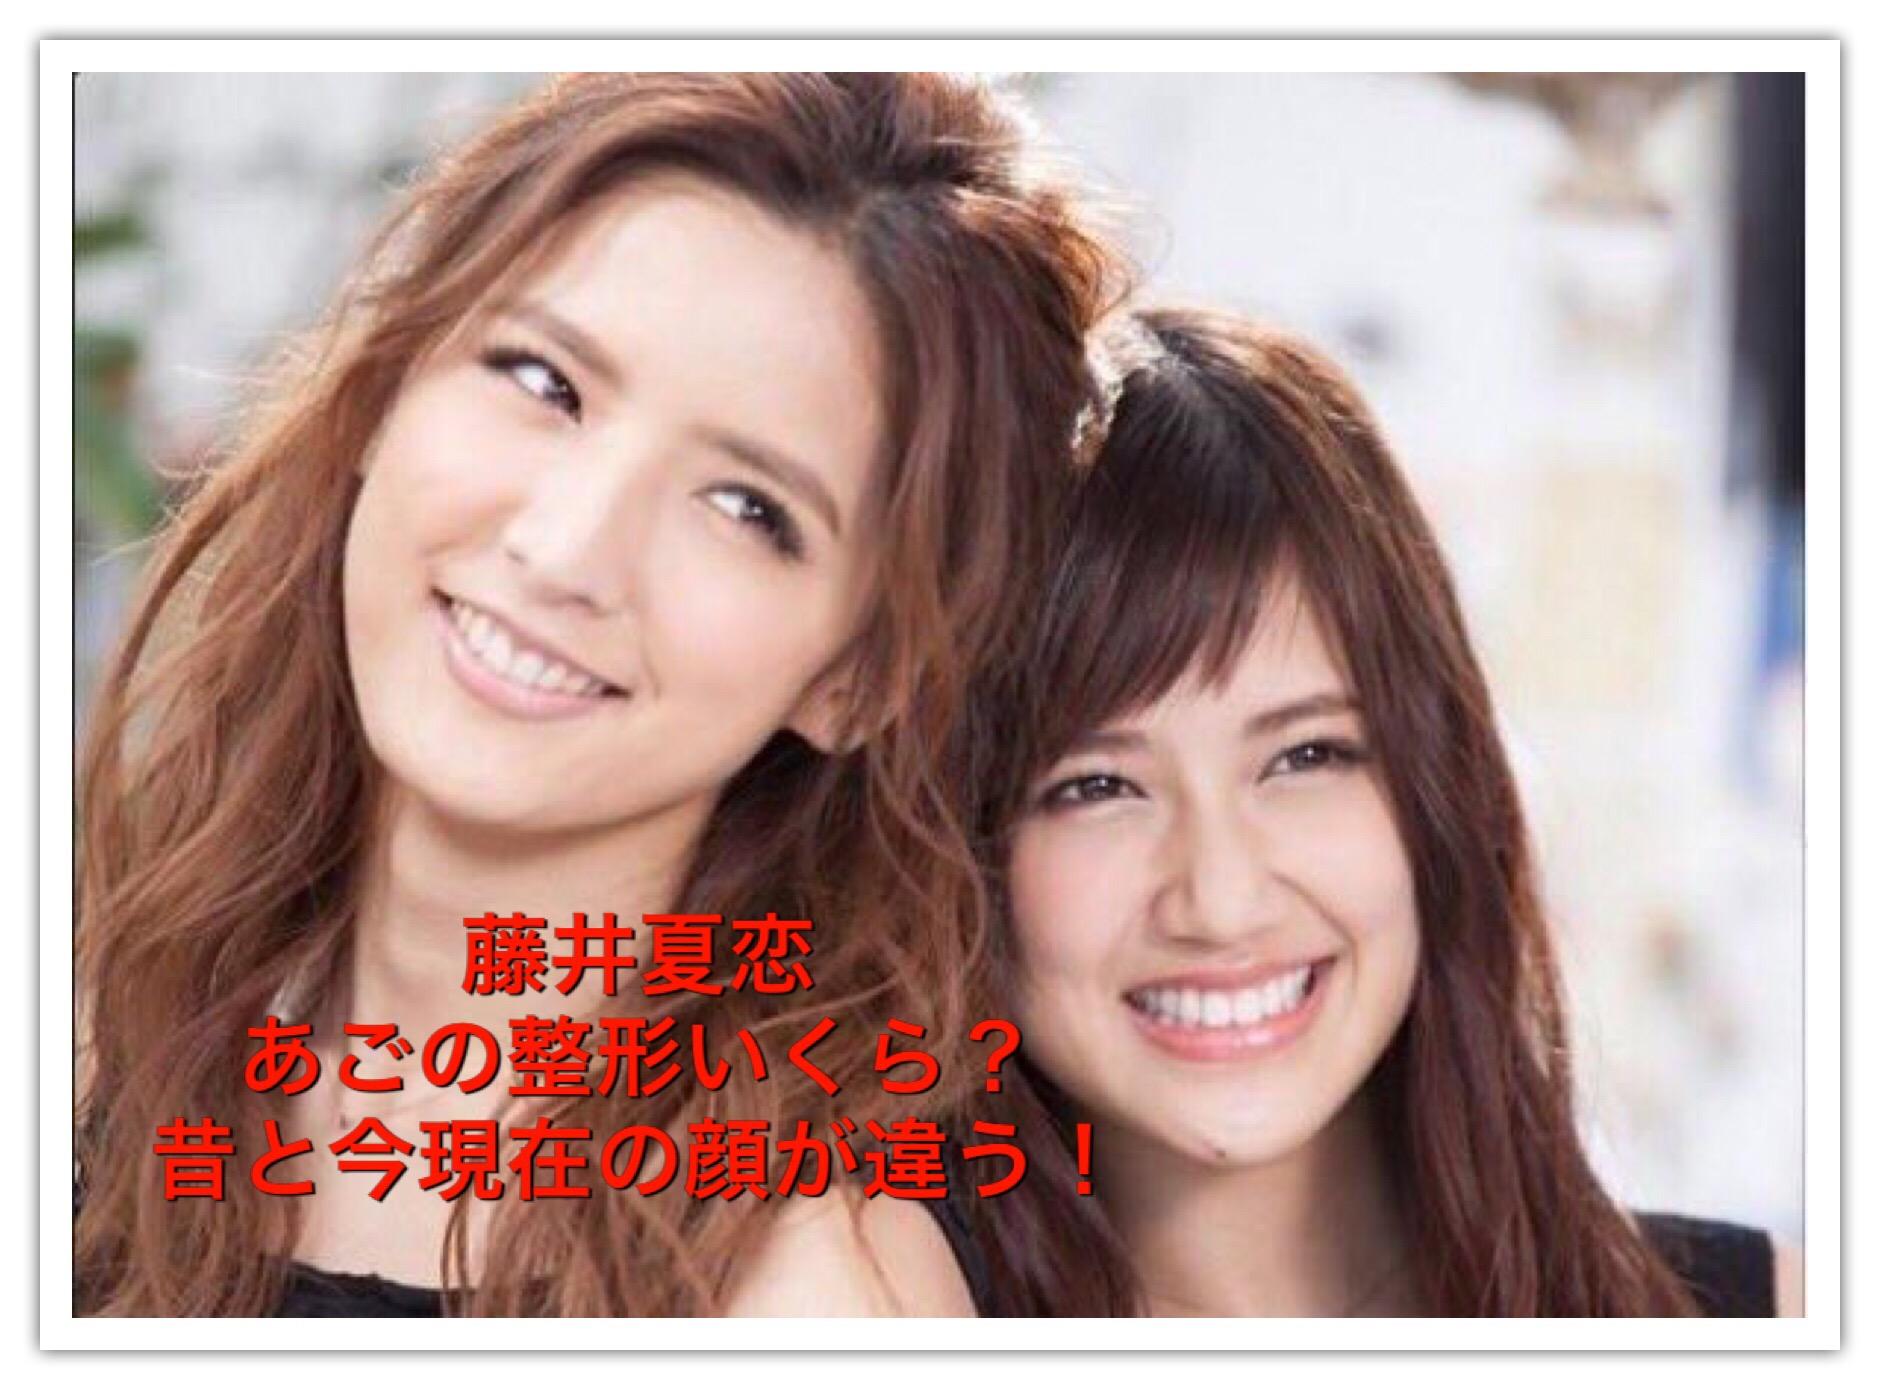 藤井夏恋の画像 p1_27